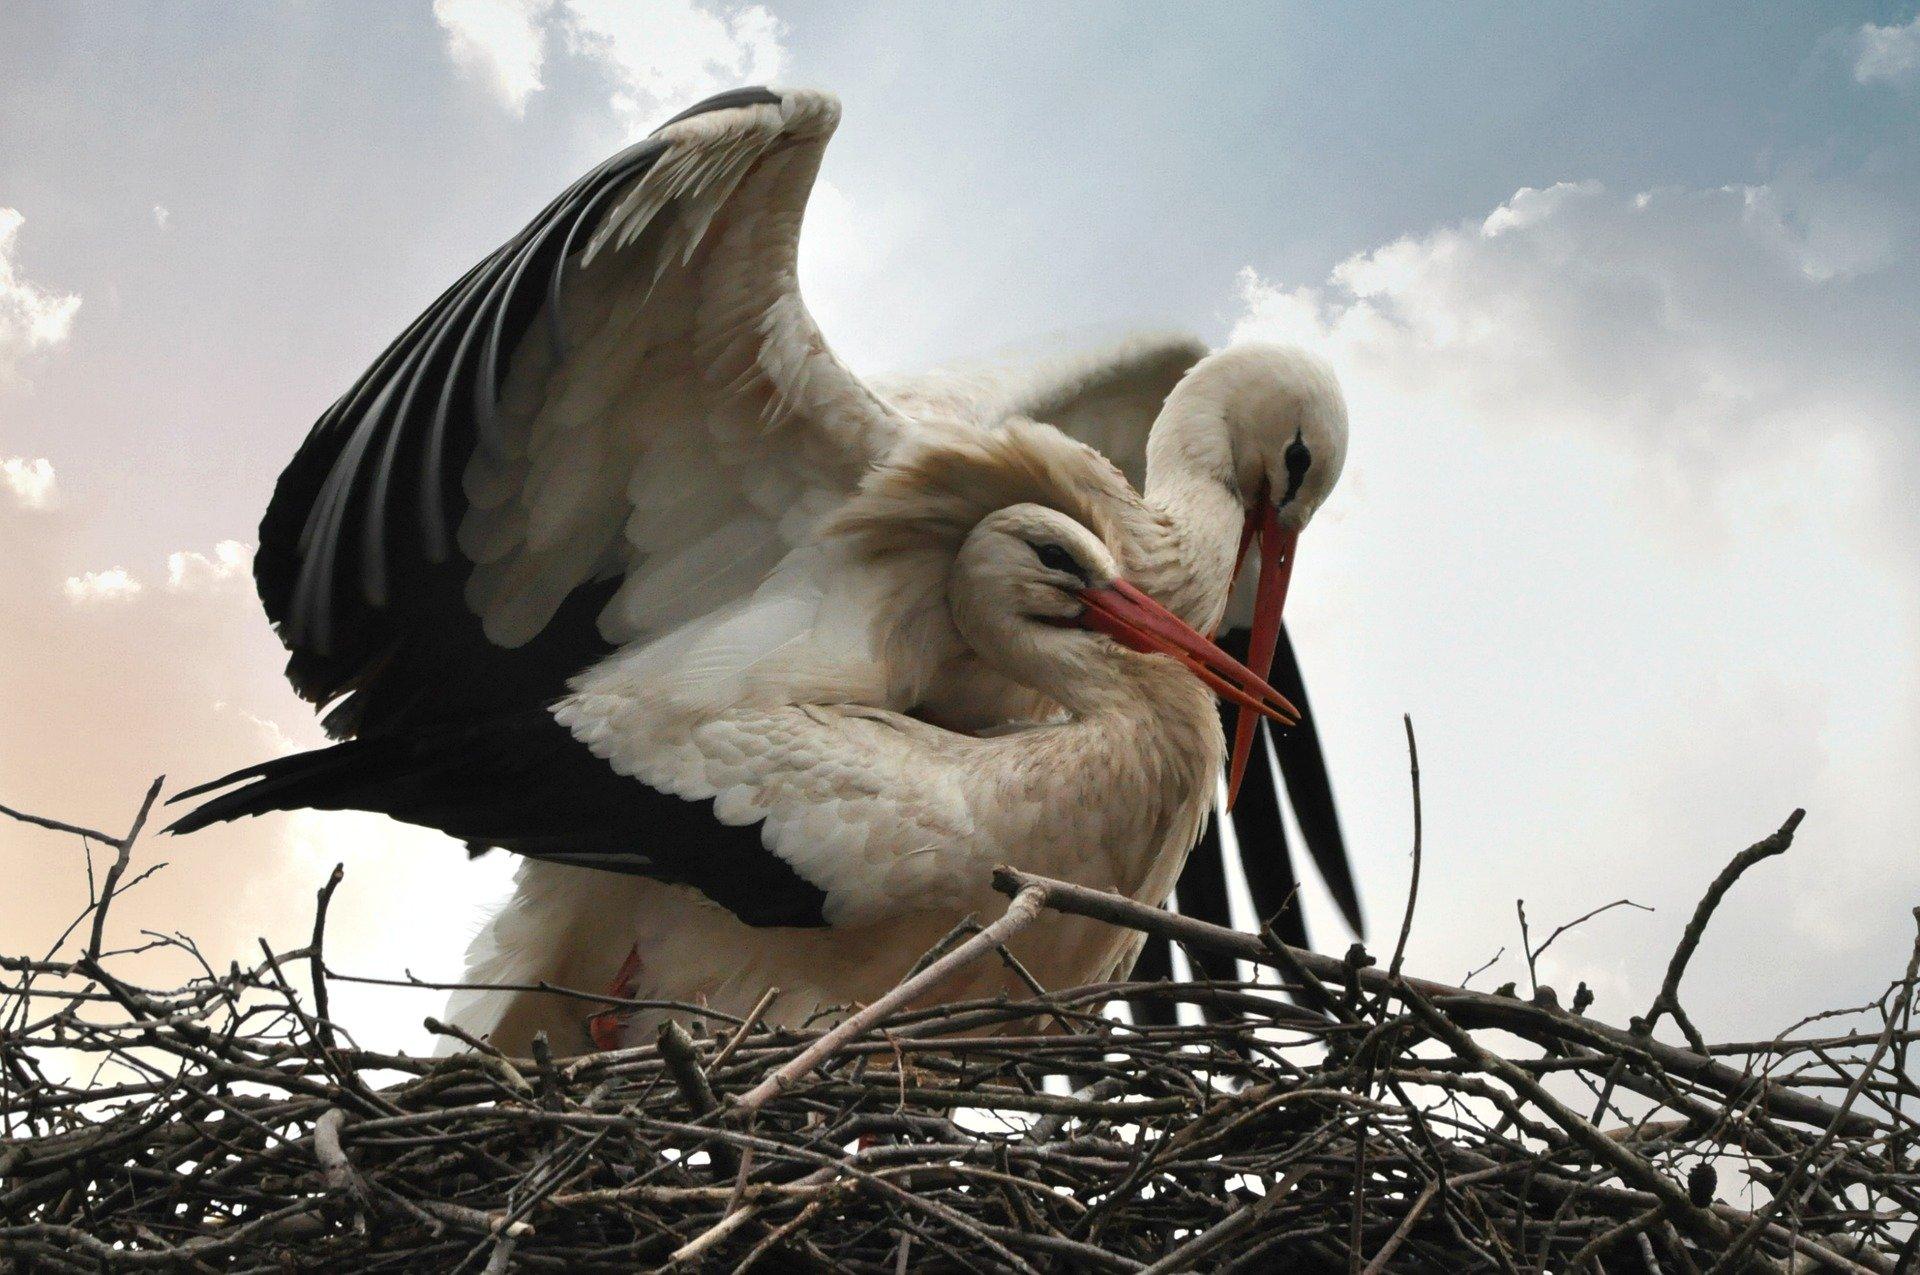 stork-4088353_1920